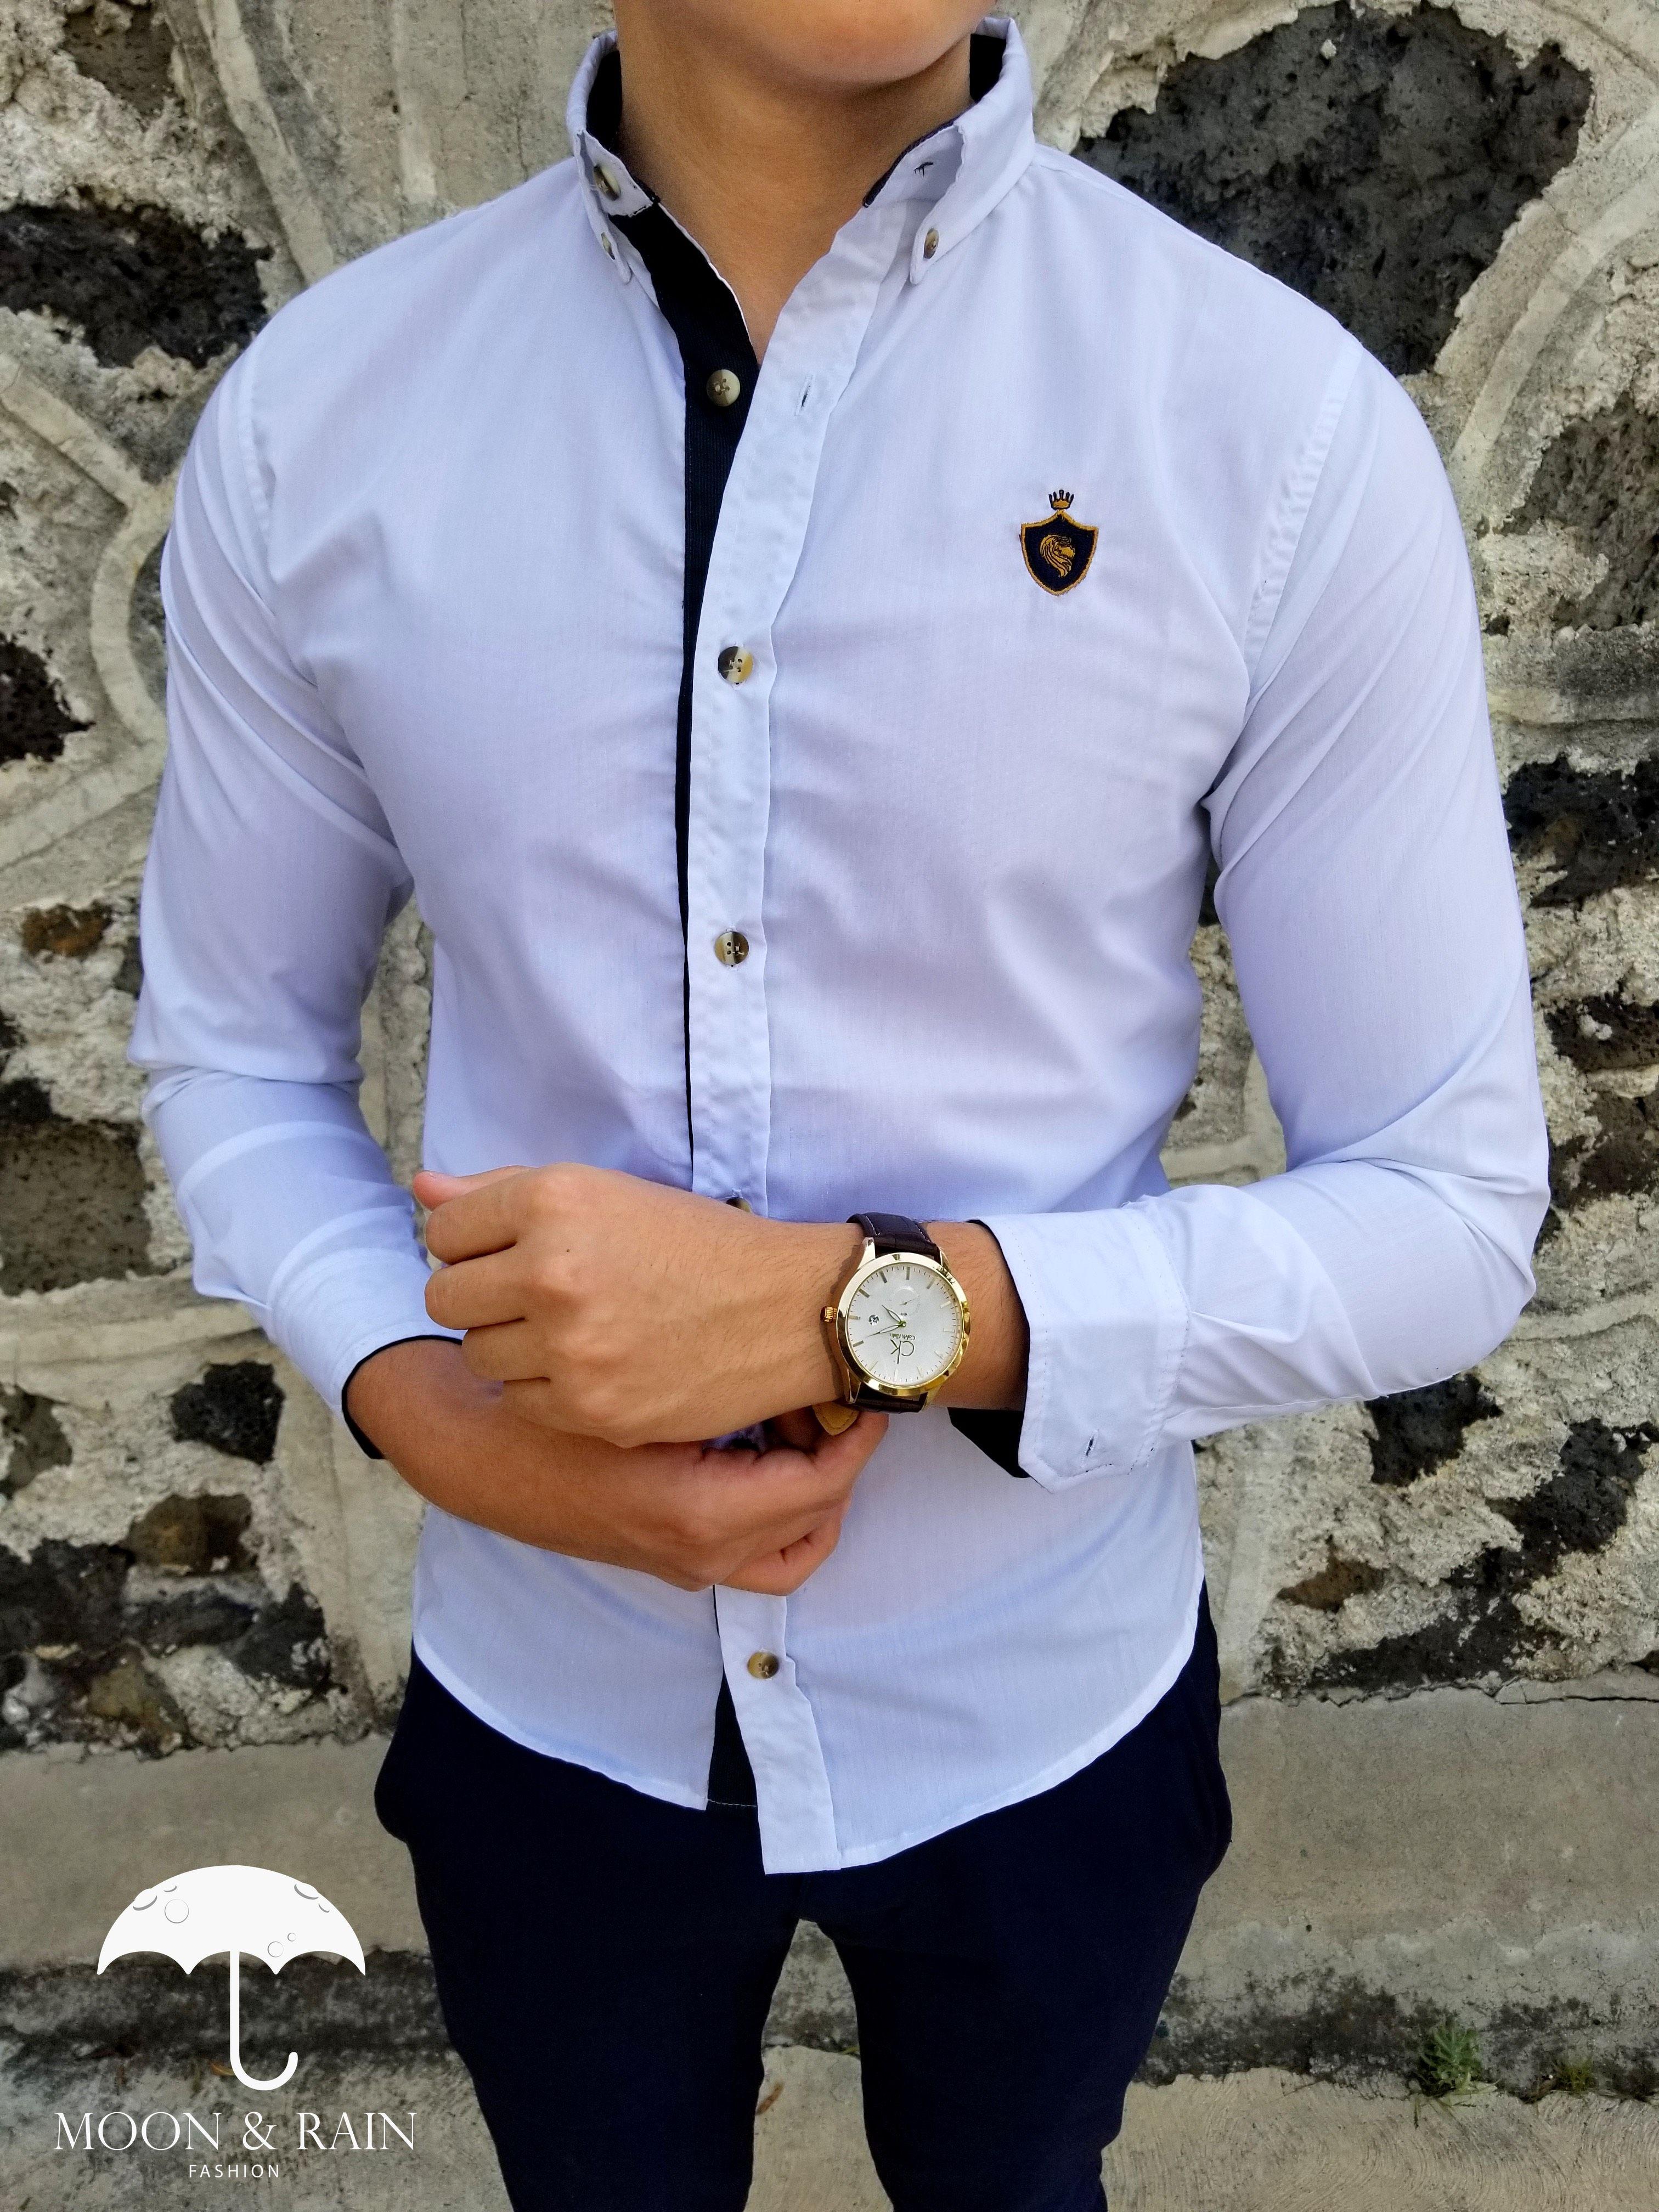 90cd6acd99405 Ropa para hombre ideal para una ocasión casual y o formal  Camisa Blanca  Lisa RM de la marca Moon   Rain